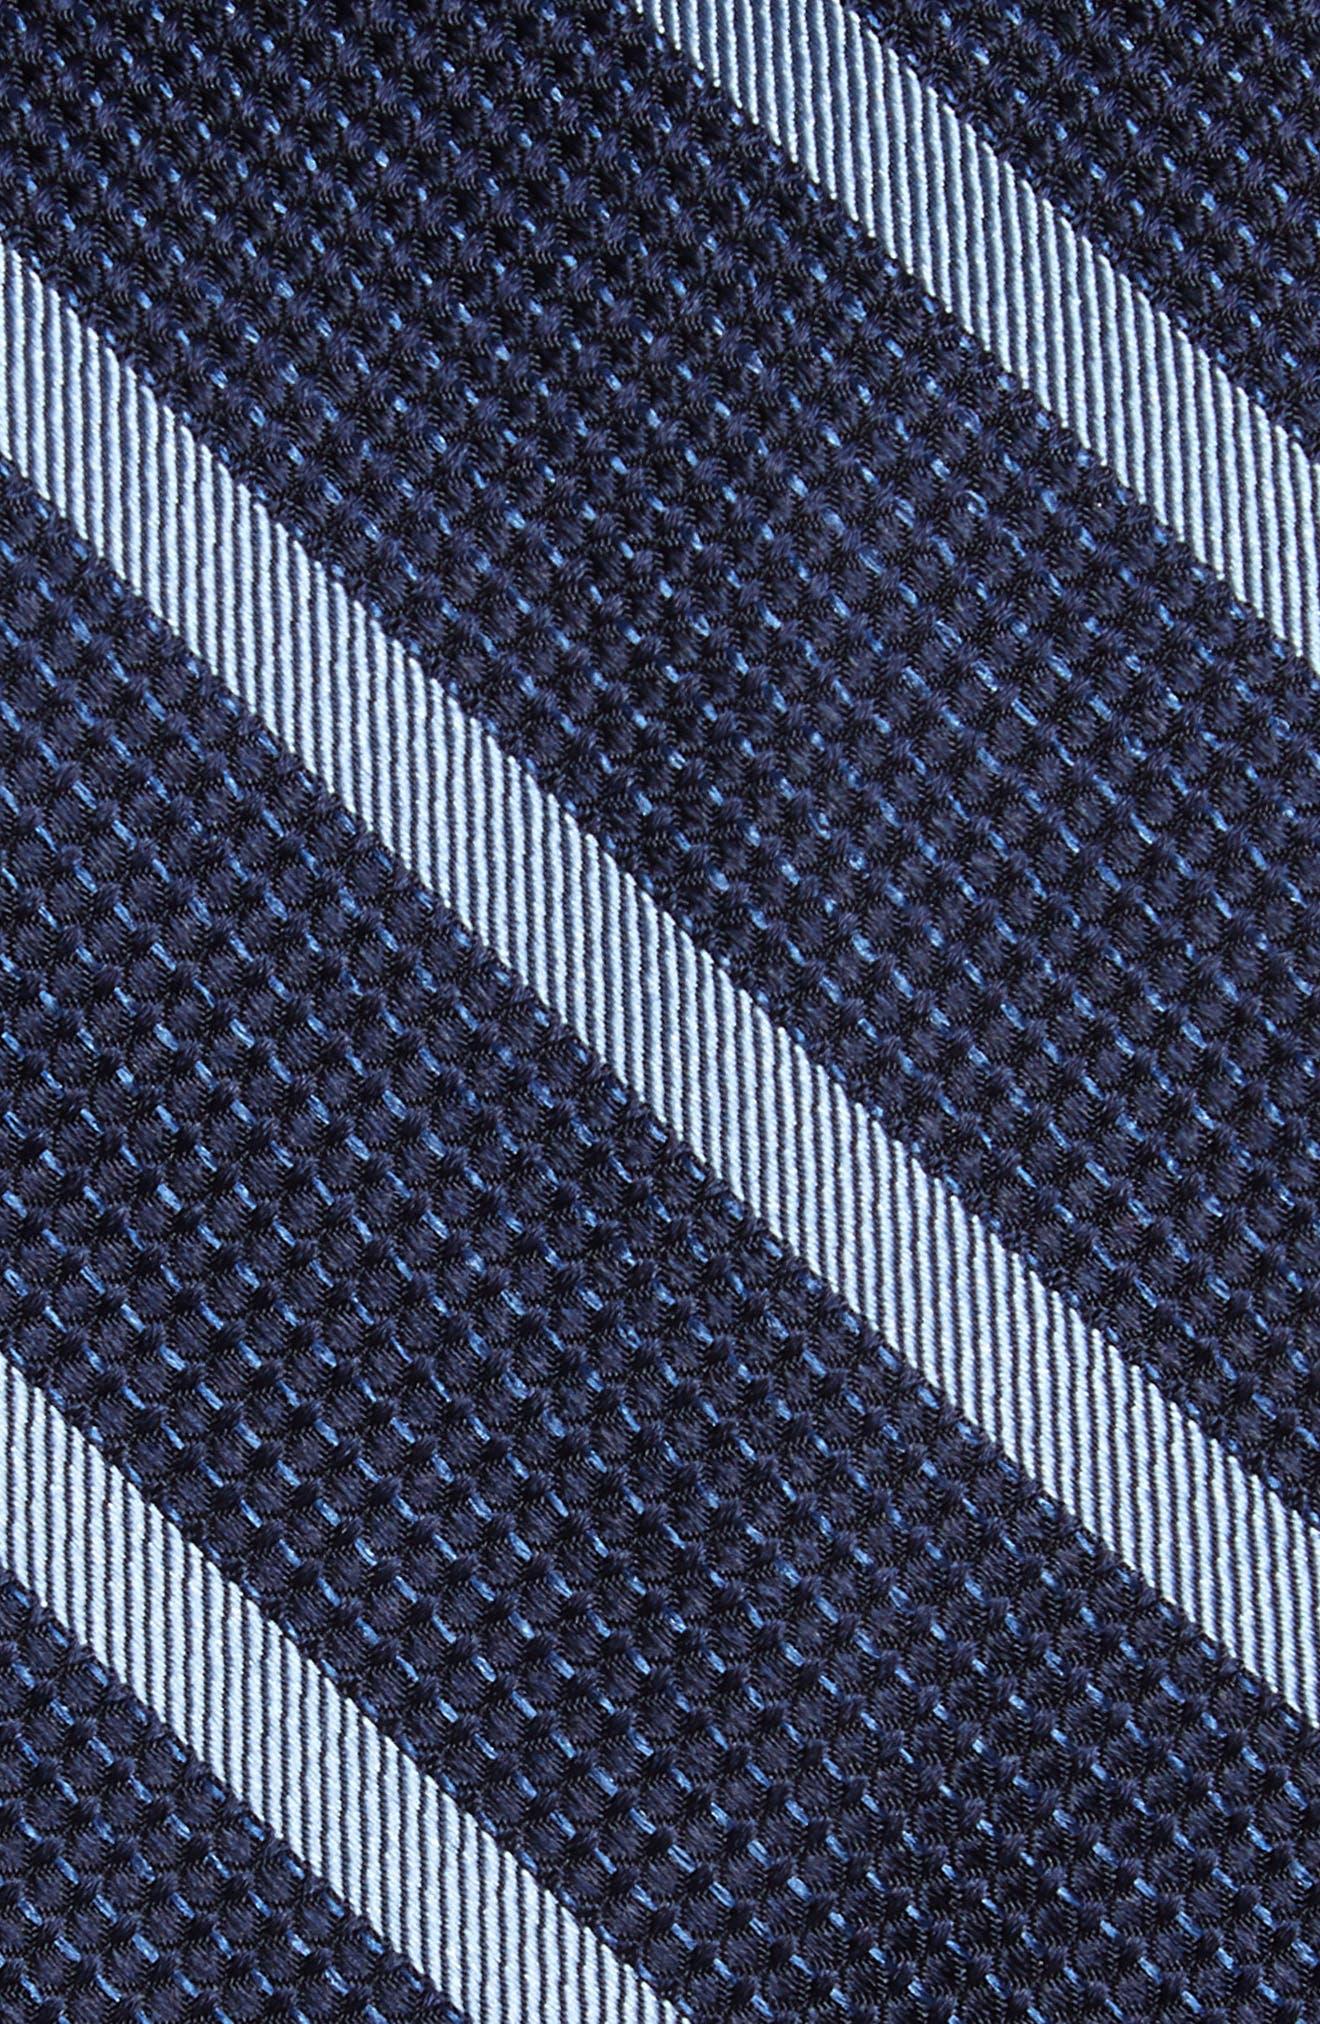 Daubert Stripe Silk Tie,                             Alternate thumbnail 2, color,                             400